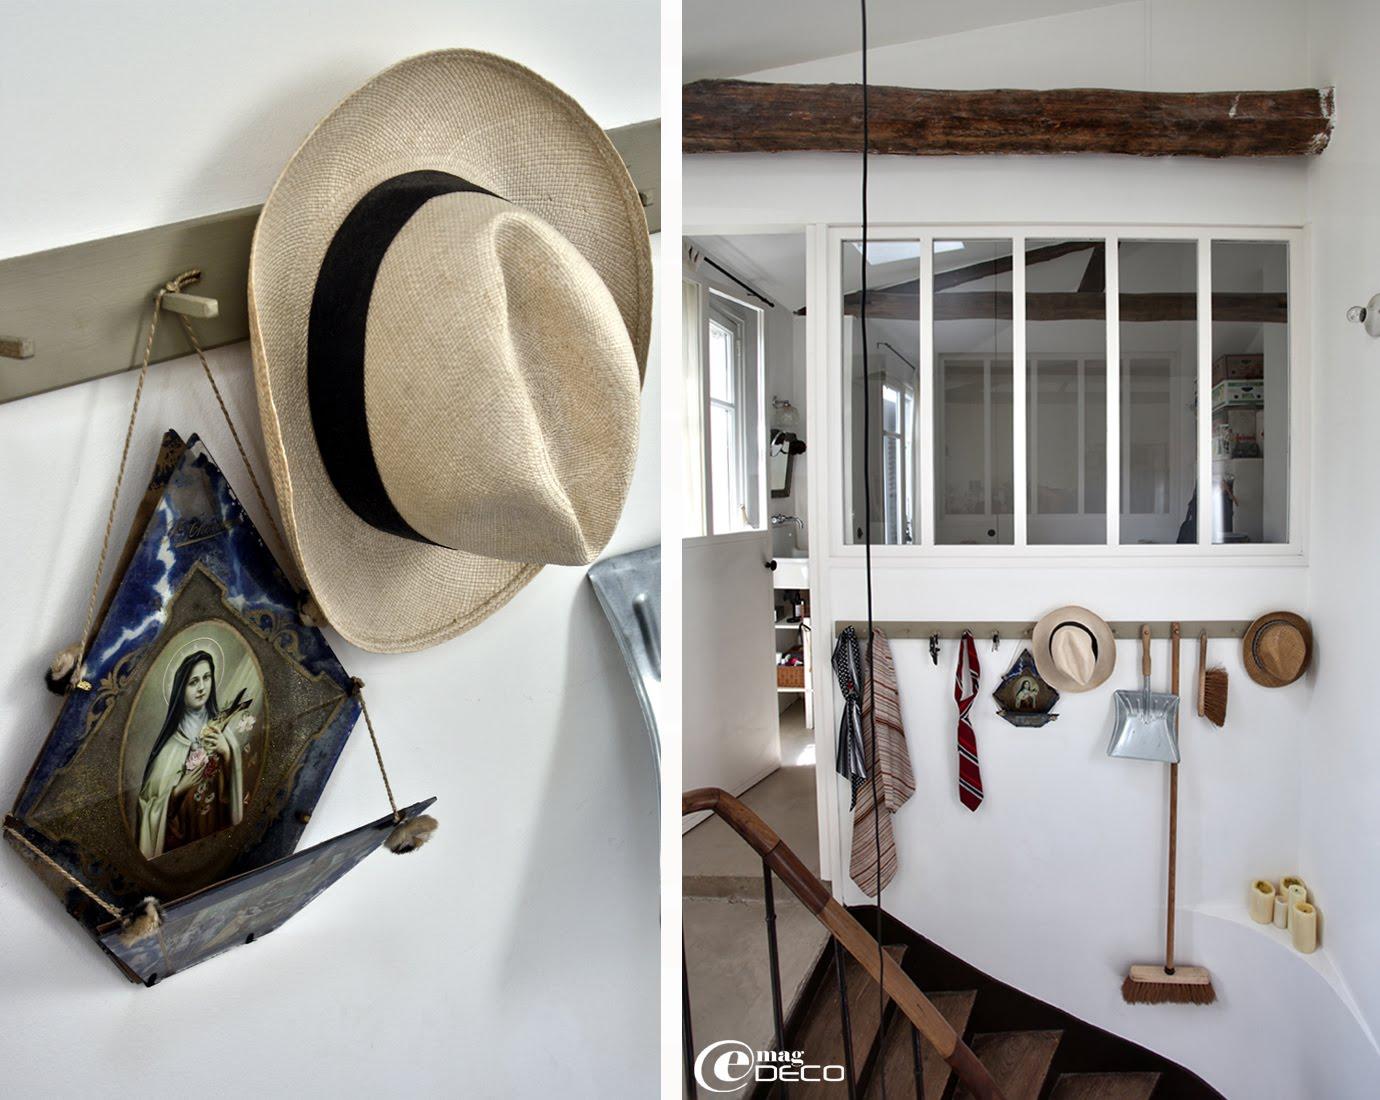 Dans une cage d'escalier, une longue patère en bois inspirée du style minimaliste et fonctionnel de la communauté des Shakers